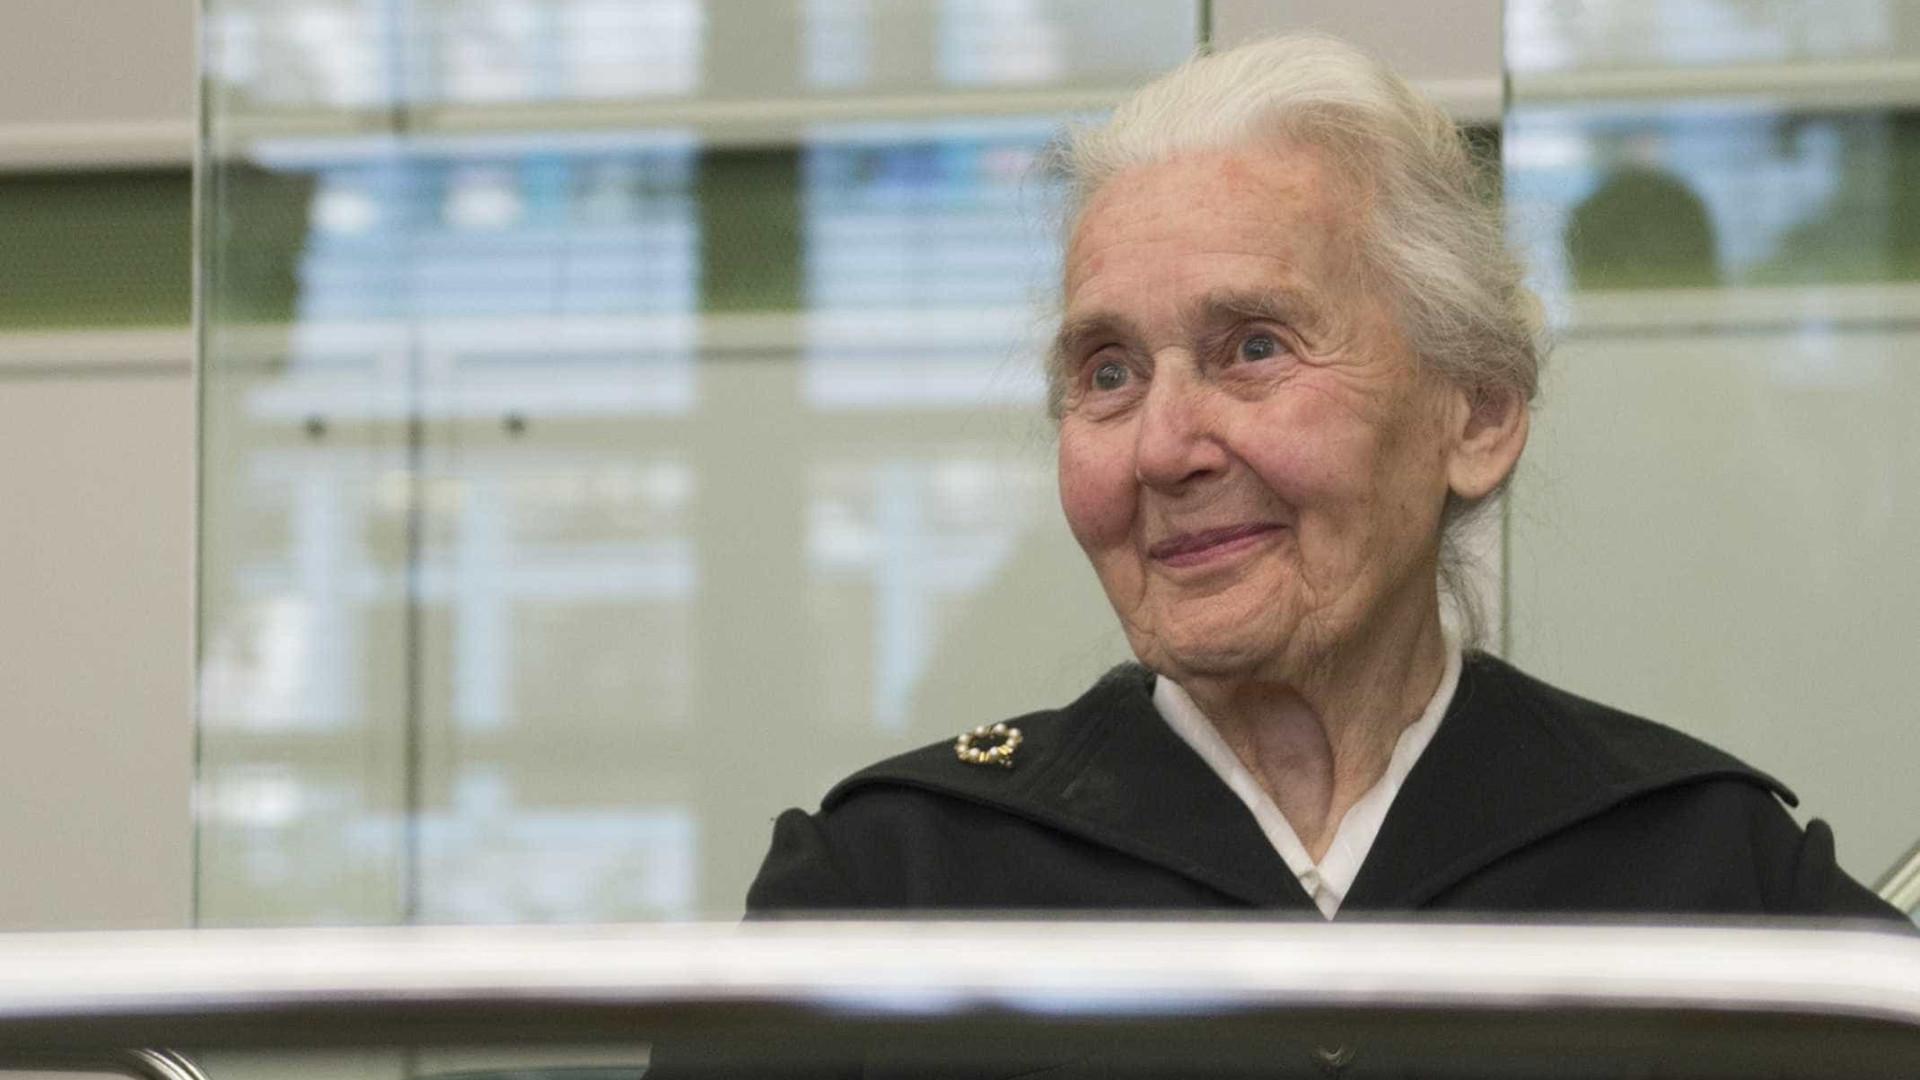 'Avó nazista' que negou o Holocausto é encontrada e levada à prisão